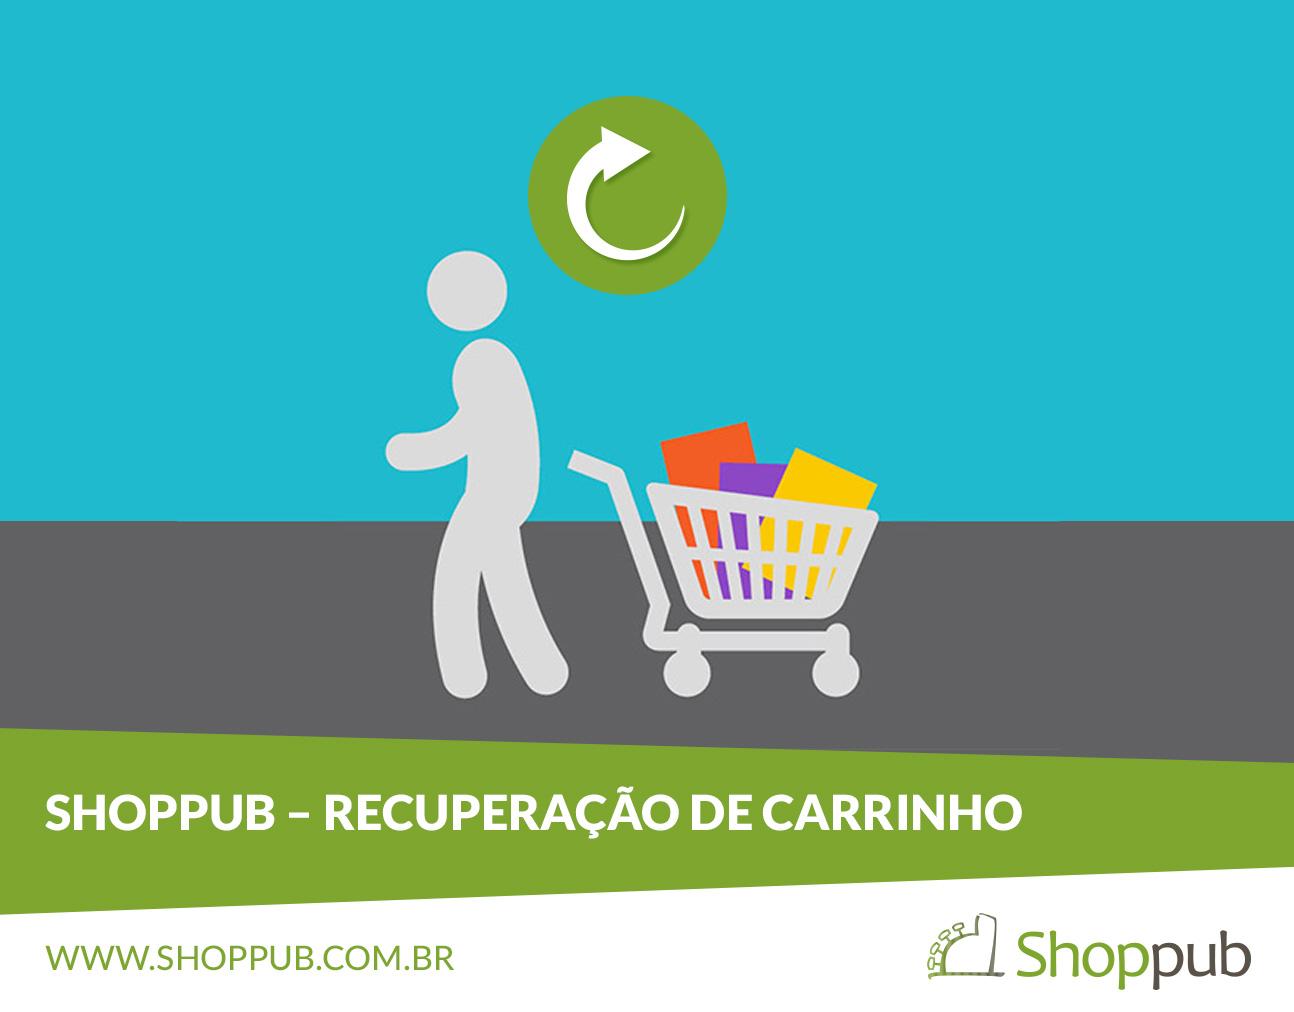 Shoppub - Recuperação de Carrinho